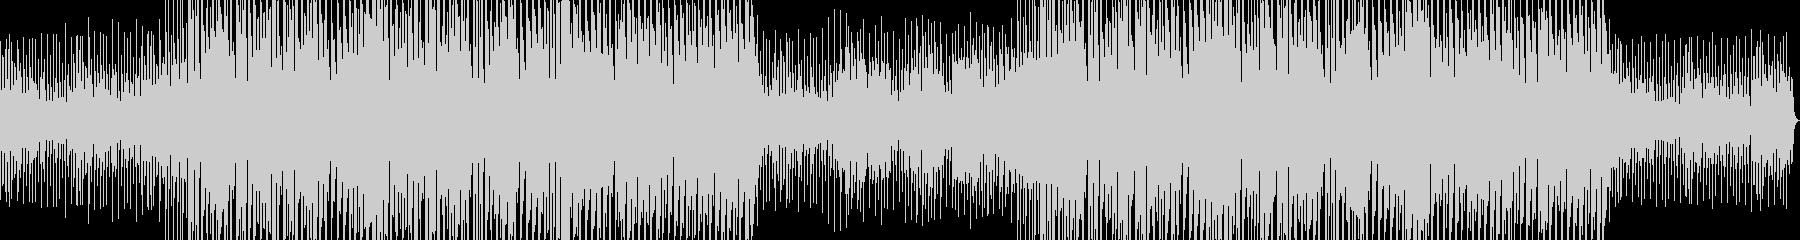 激しいジャズドラムのエレクトロスウィングの未再生の波形